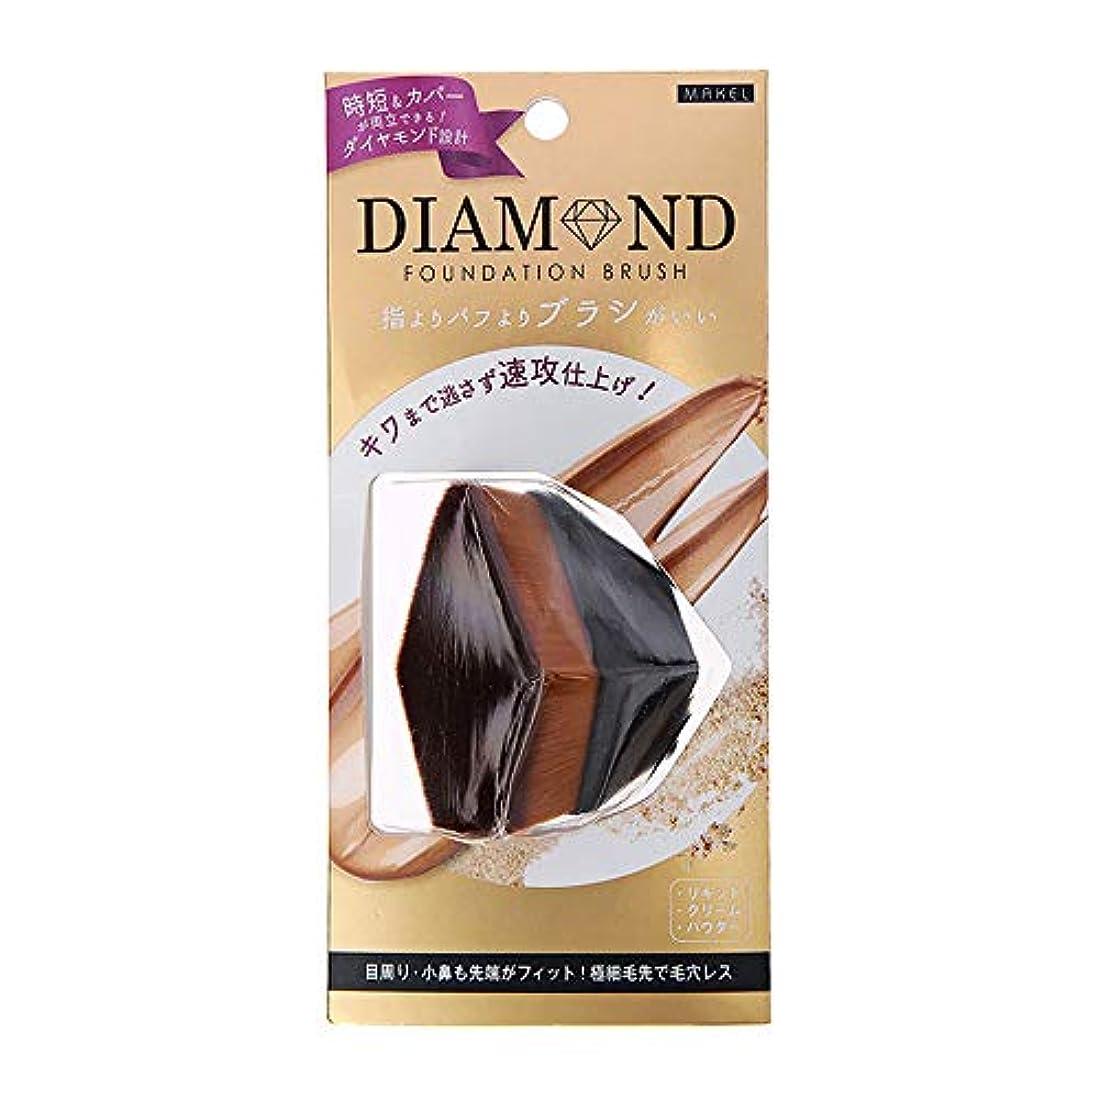 コインランドリーどこ最も遠いダイヤモンドファンデーションブラシ(ブラック) DIB1500